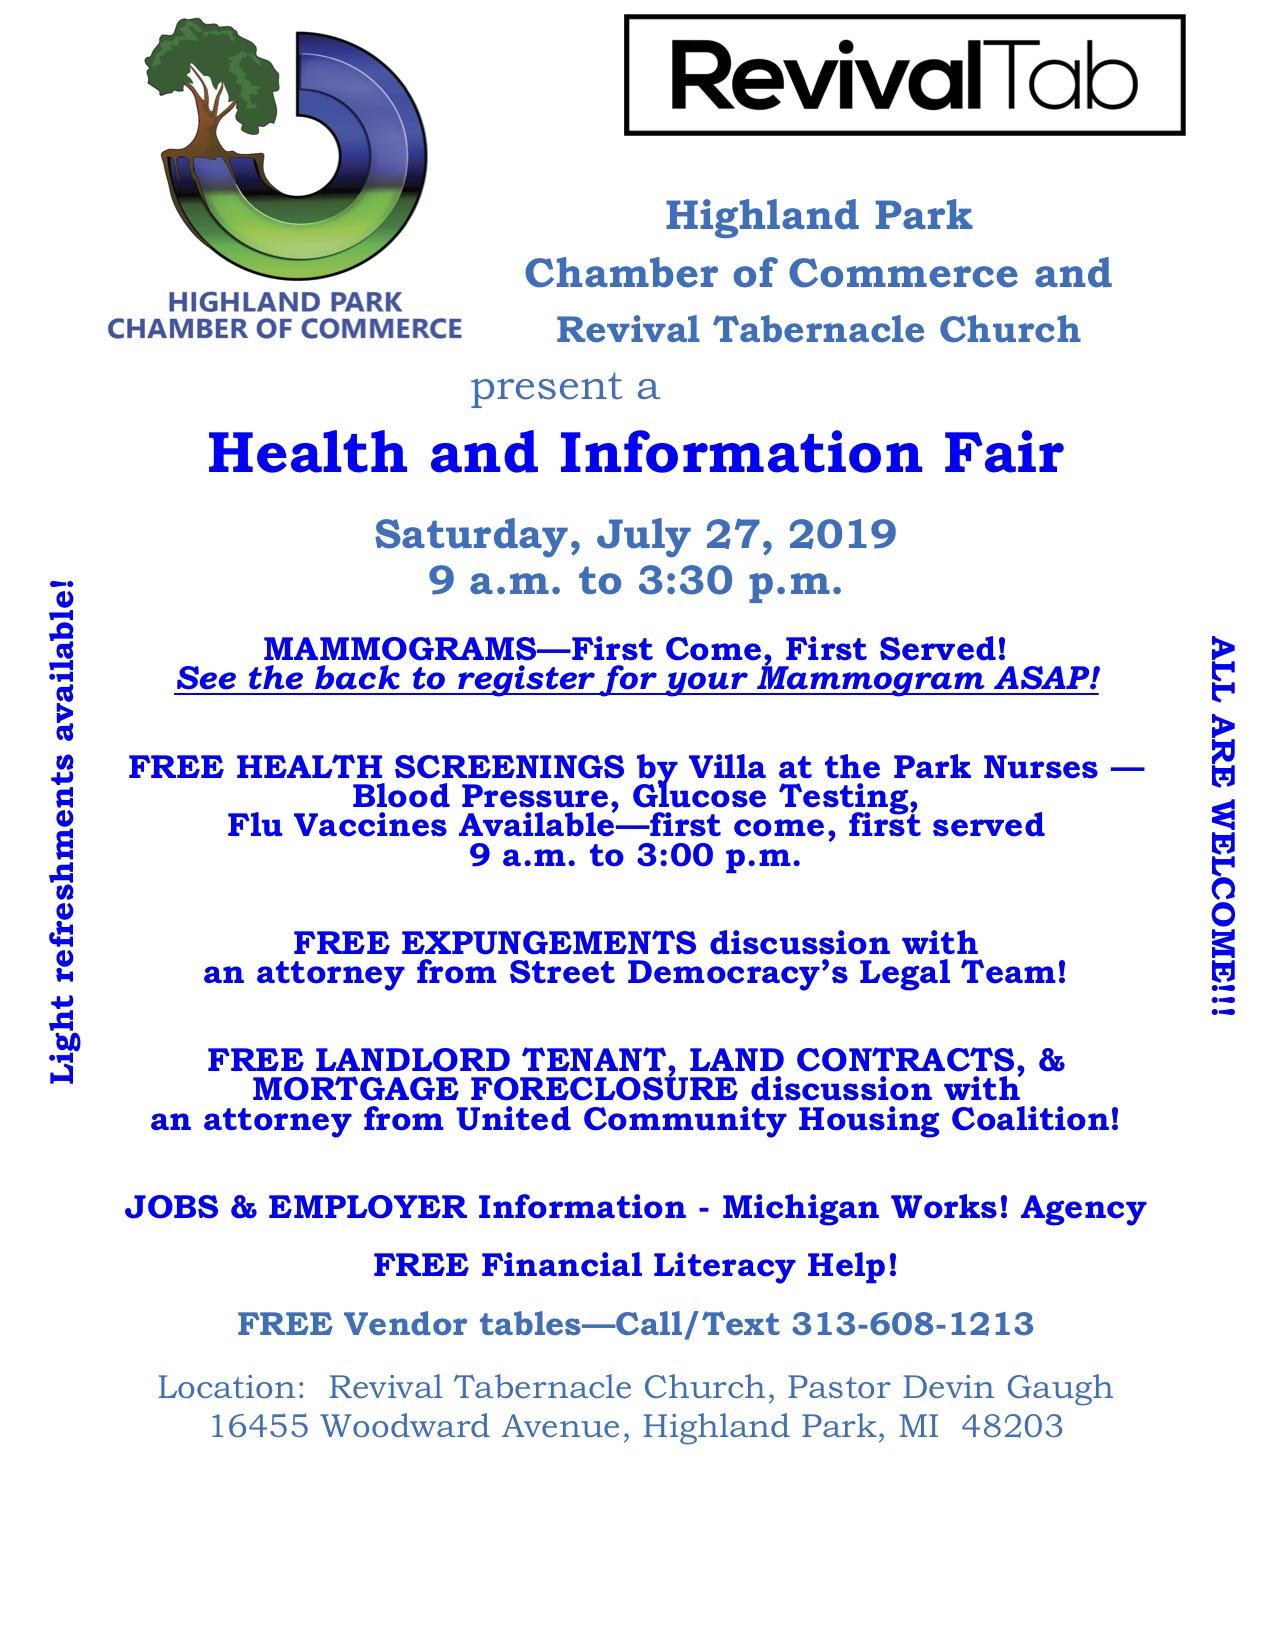 HPCC & RevTab 2019 Health & Info Fair Flyer.jpg